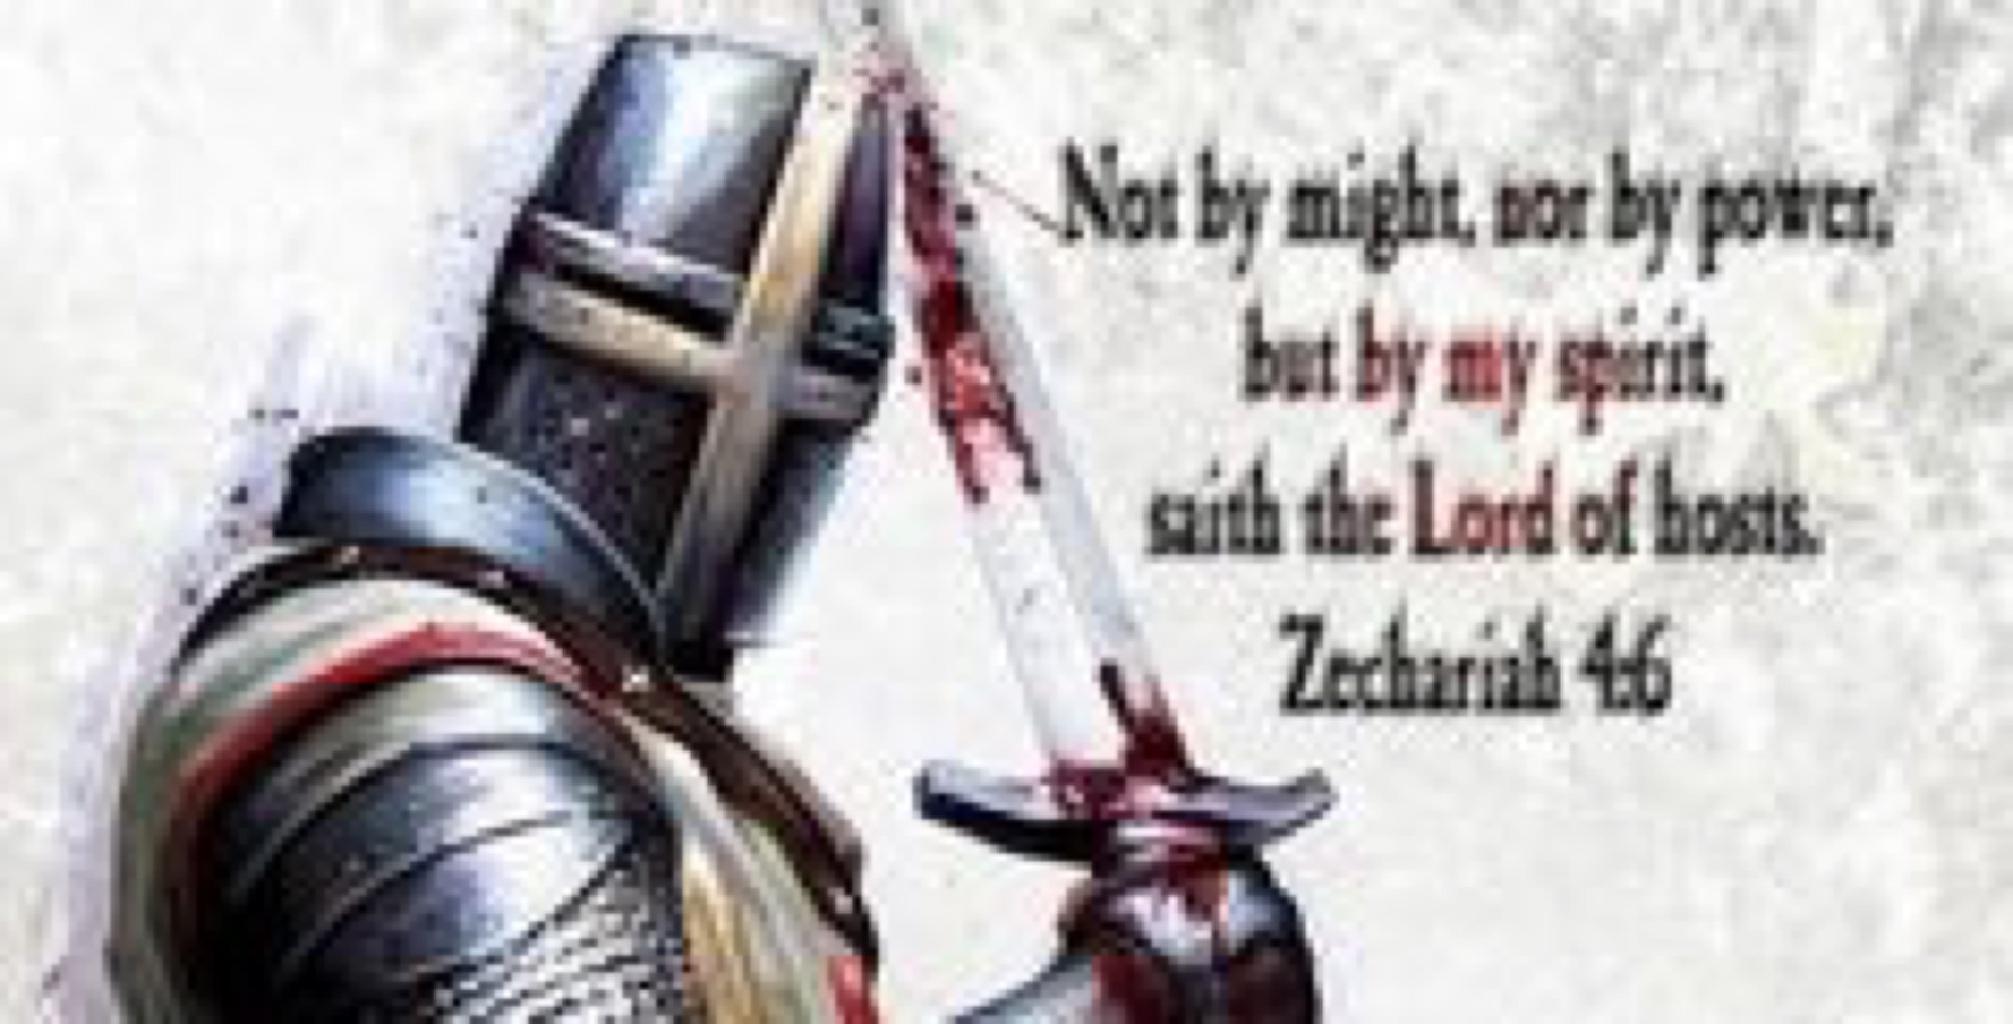 Wishing my fellow kings, a